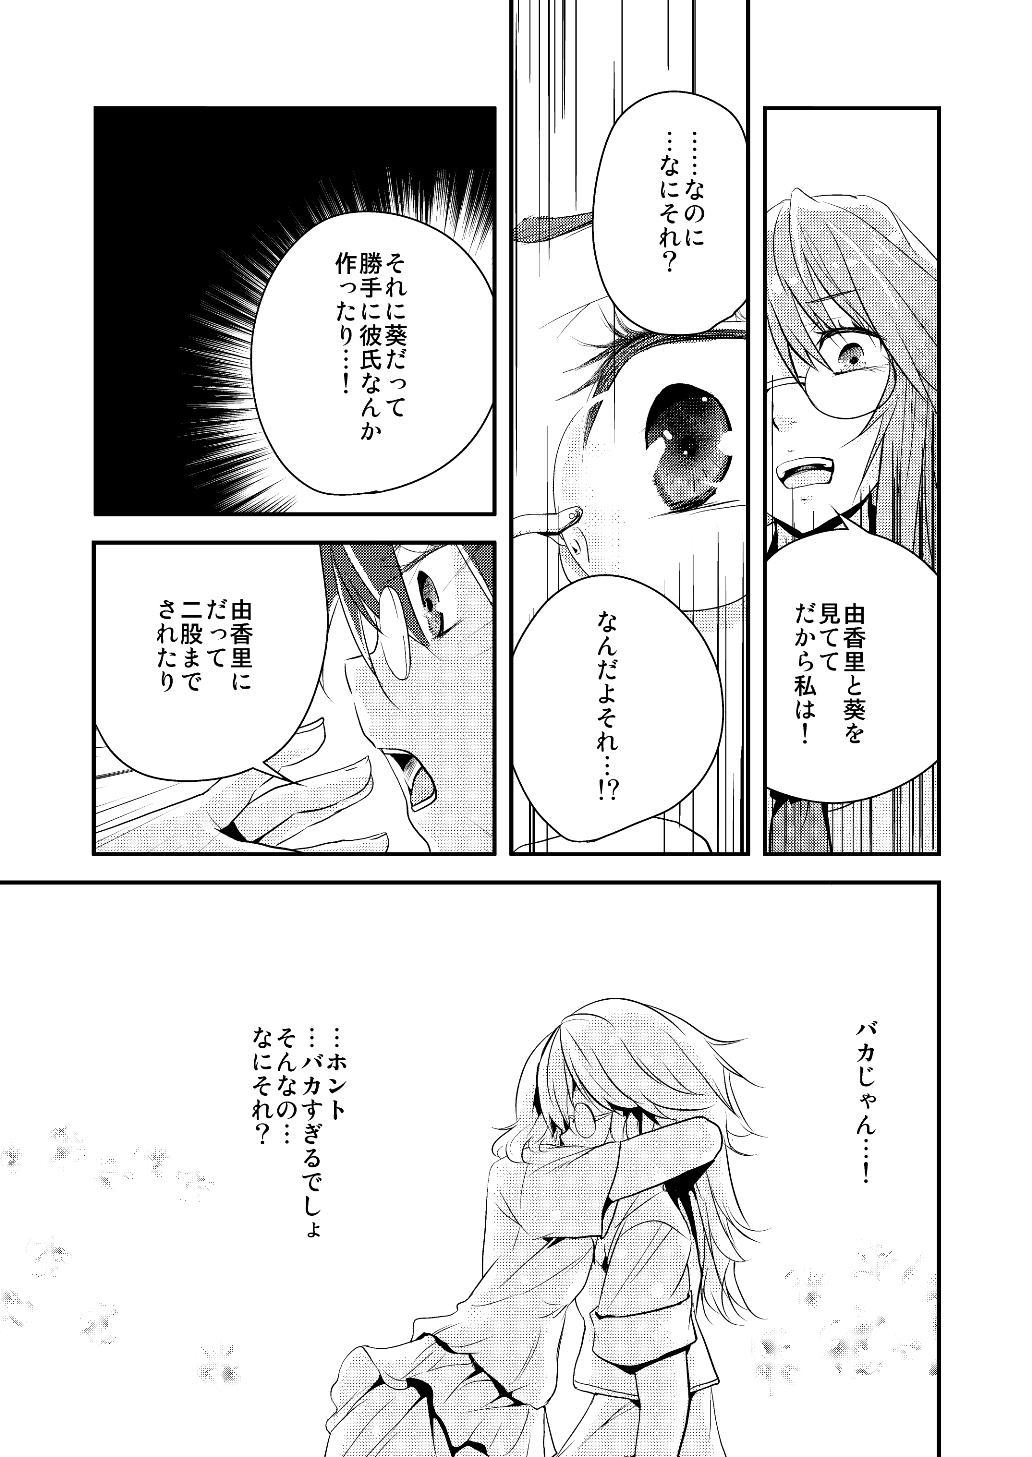 Yakusoku no Sora to Kimigaita Basho 1 ~ 2 56